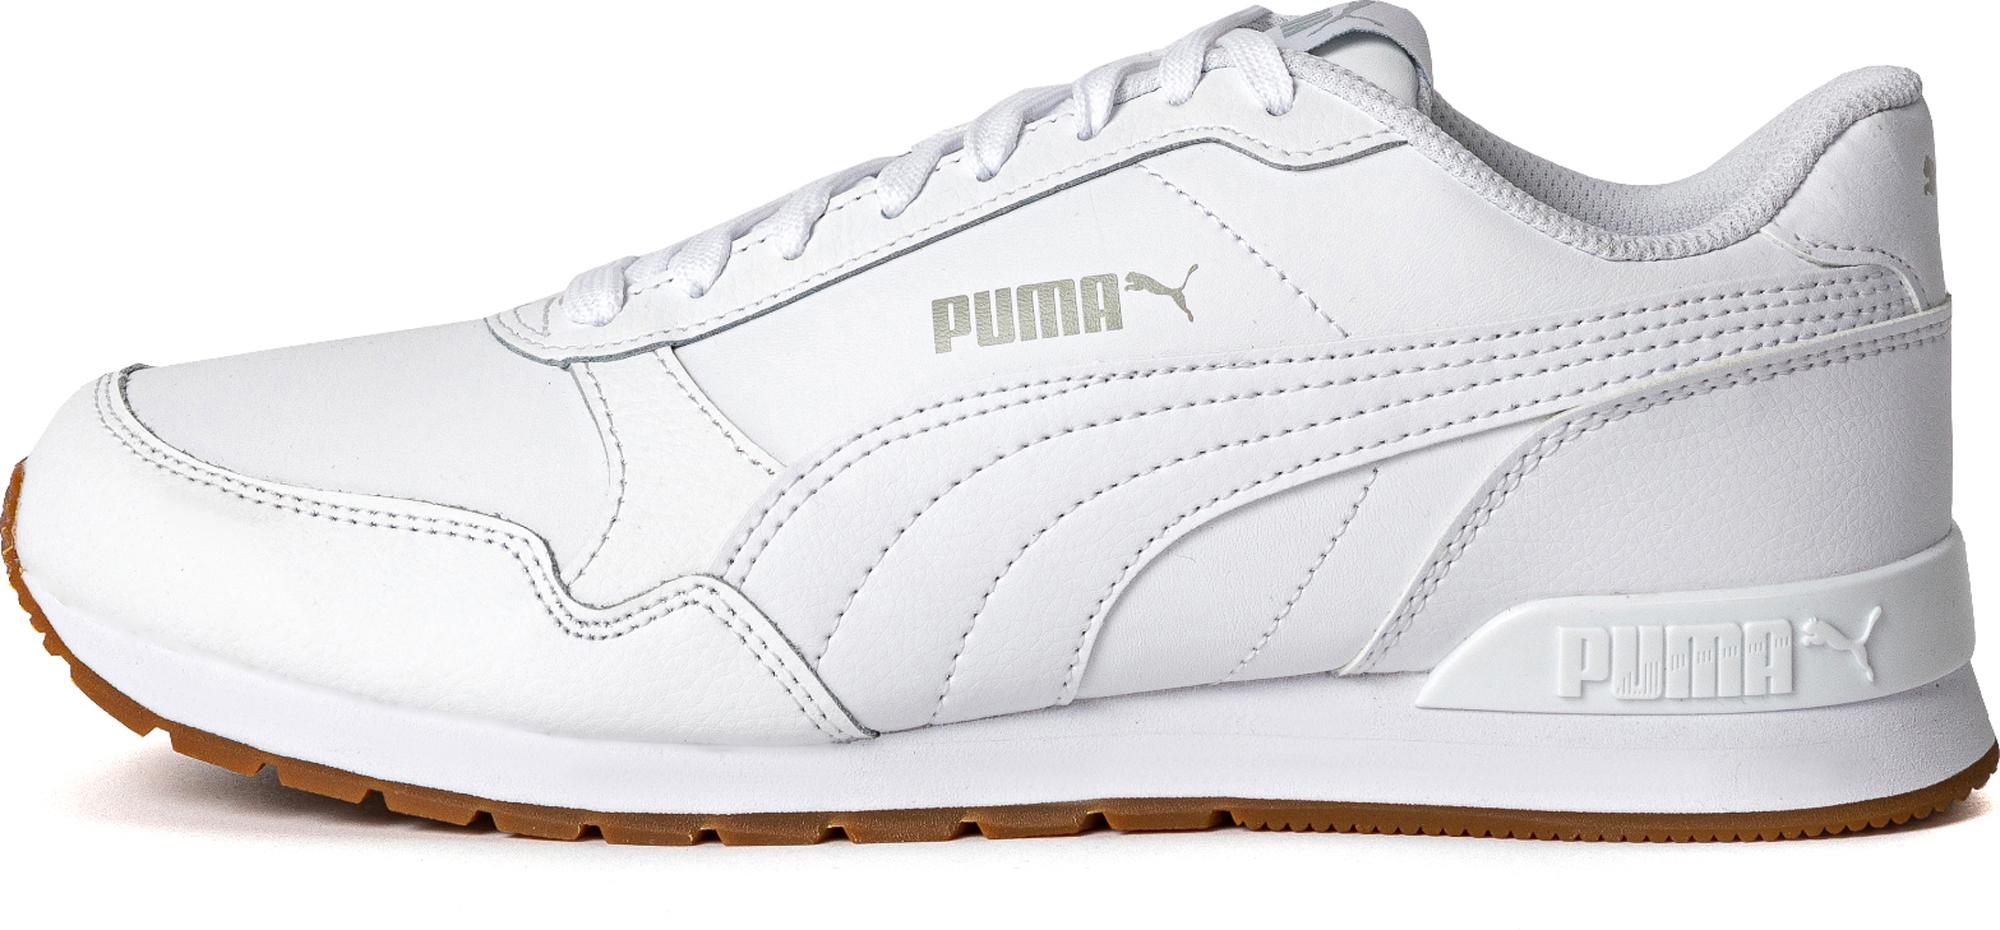 Фото - Puma Кроссовки женские Puma St Runner V2 Full, размер 36.5 кроссовки мужские puma st runner